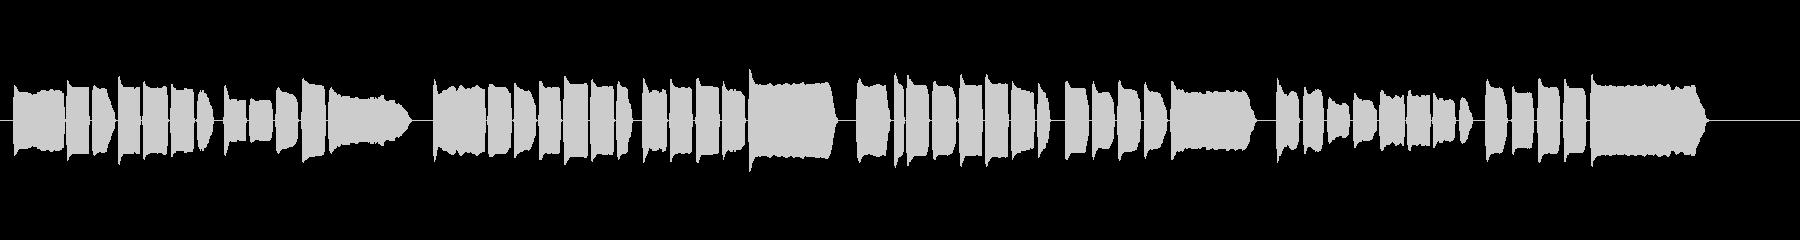 童謡「夕焼け小焼け」リコーダー・ソロの未再生の波形